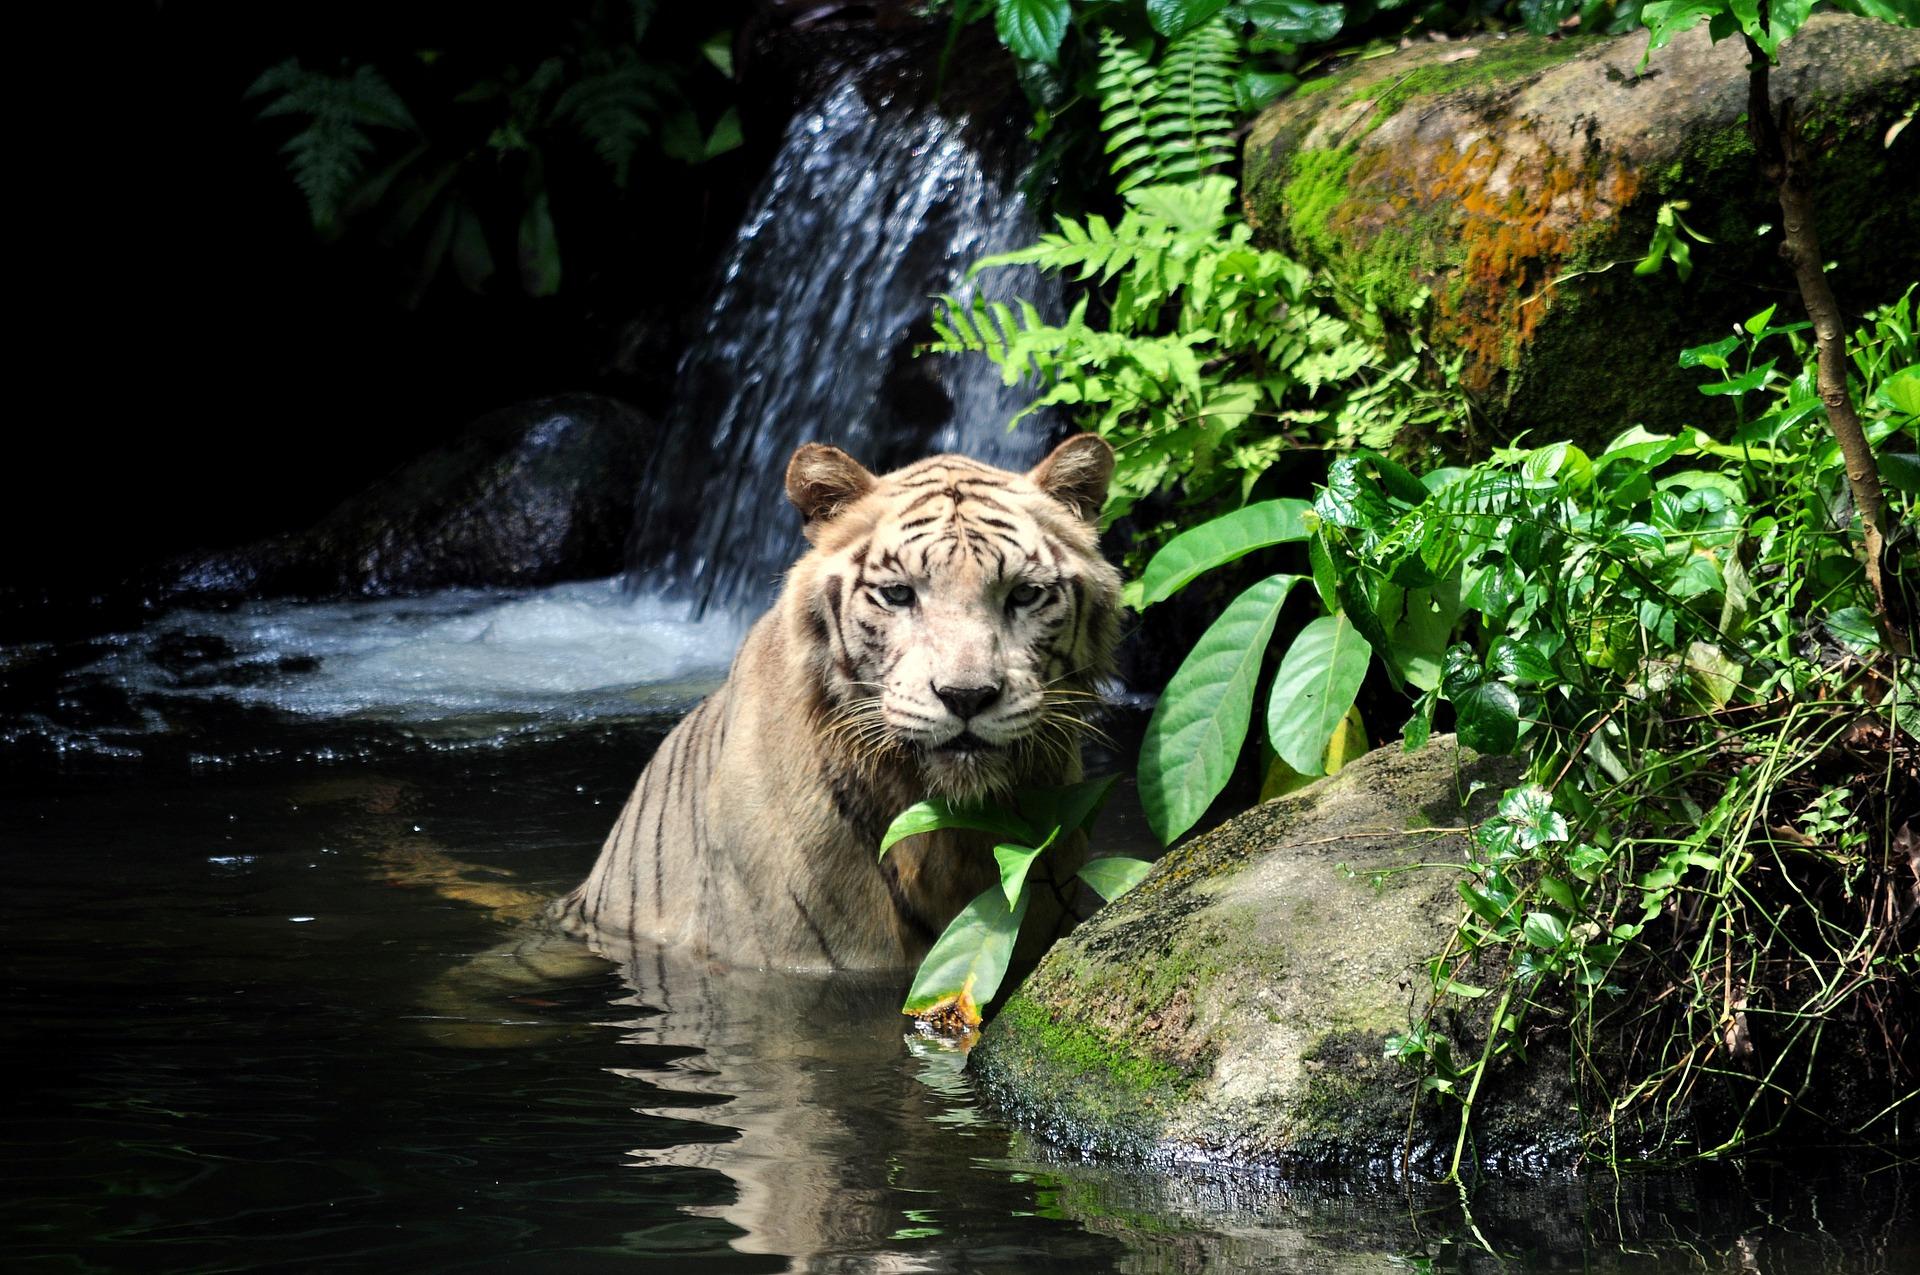 tiger-1203468_1920.jpg